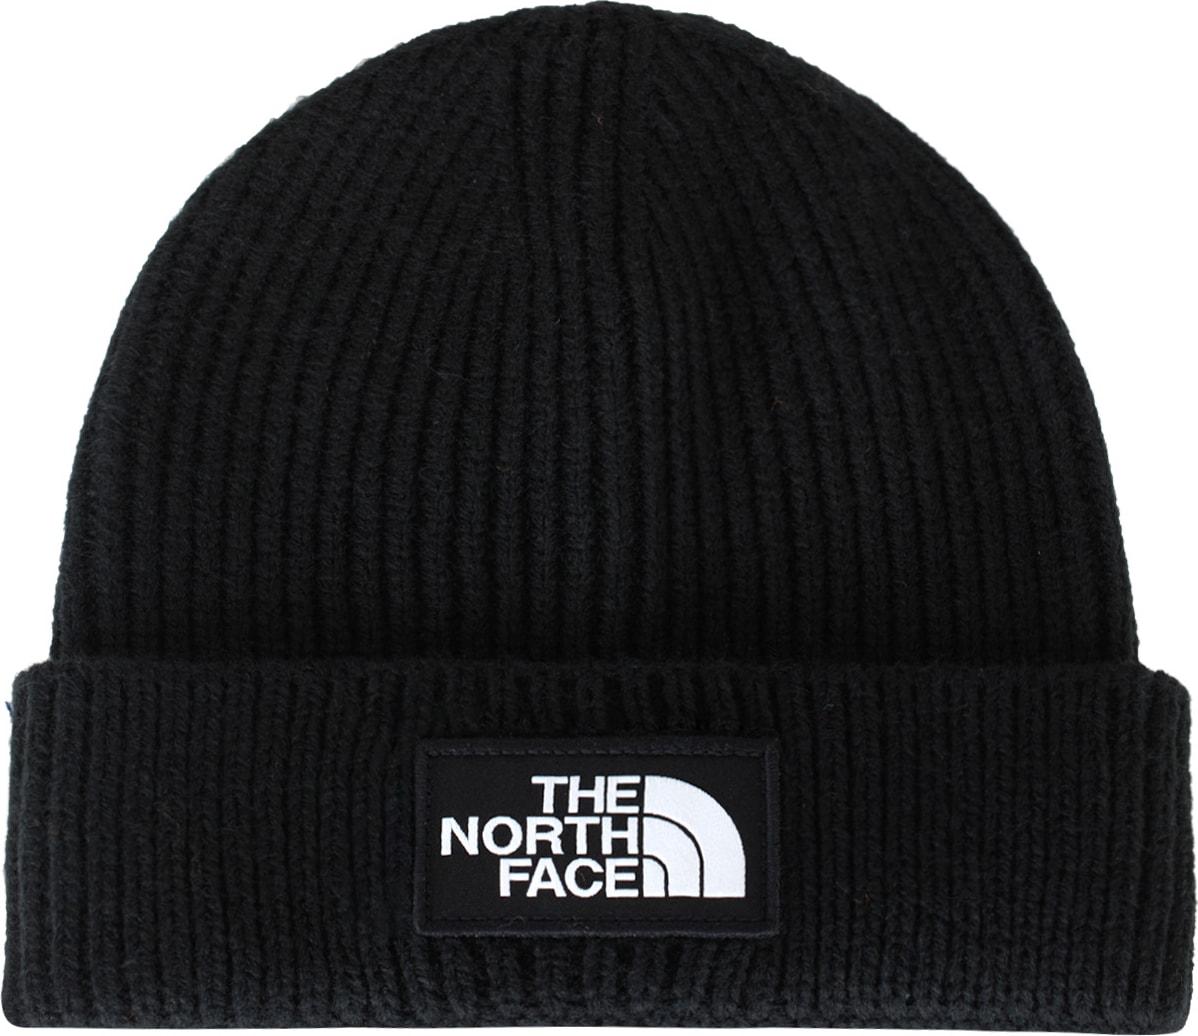 e5db6d651 The North Face - Logo Box Cuffed Beanie - Black